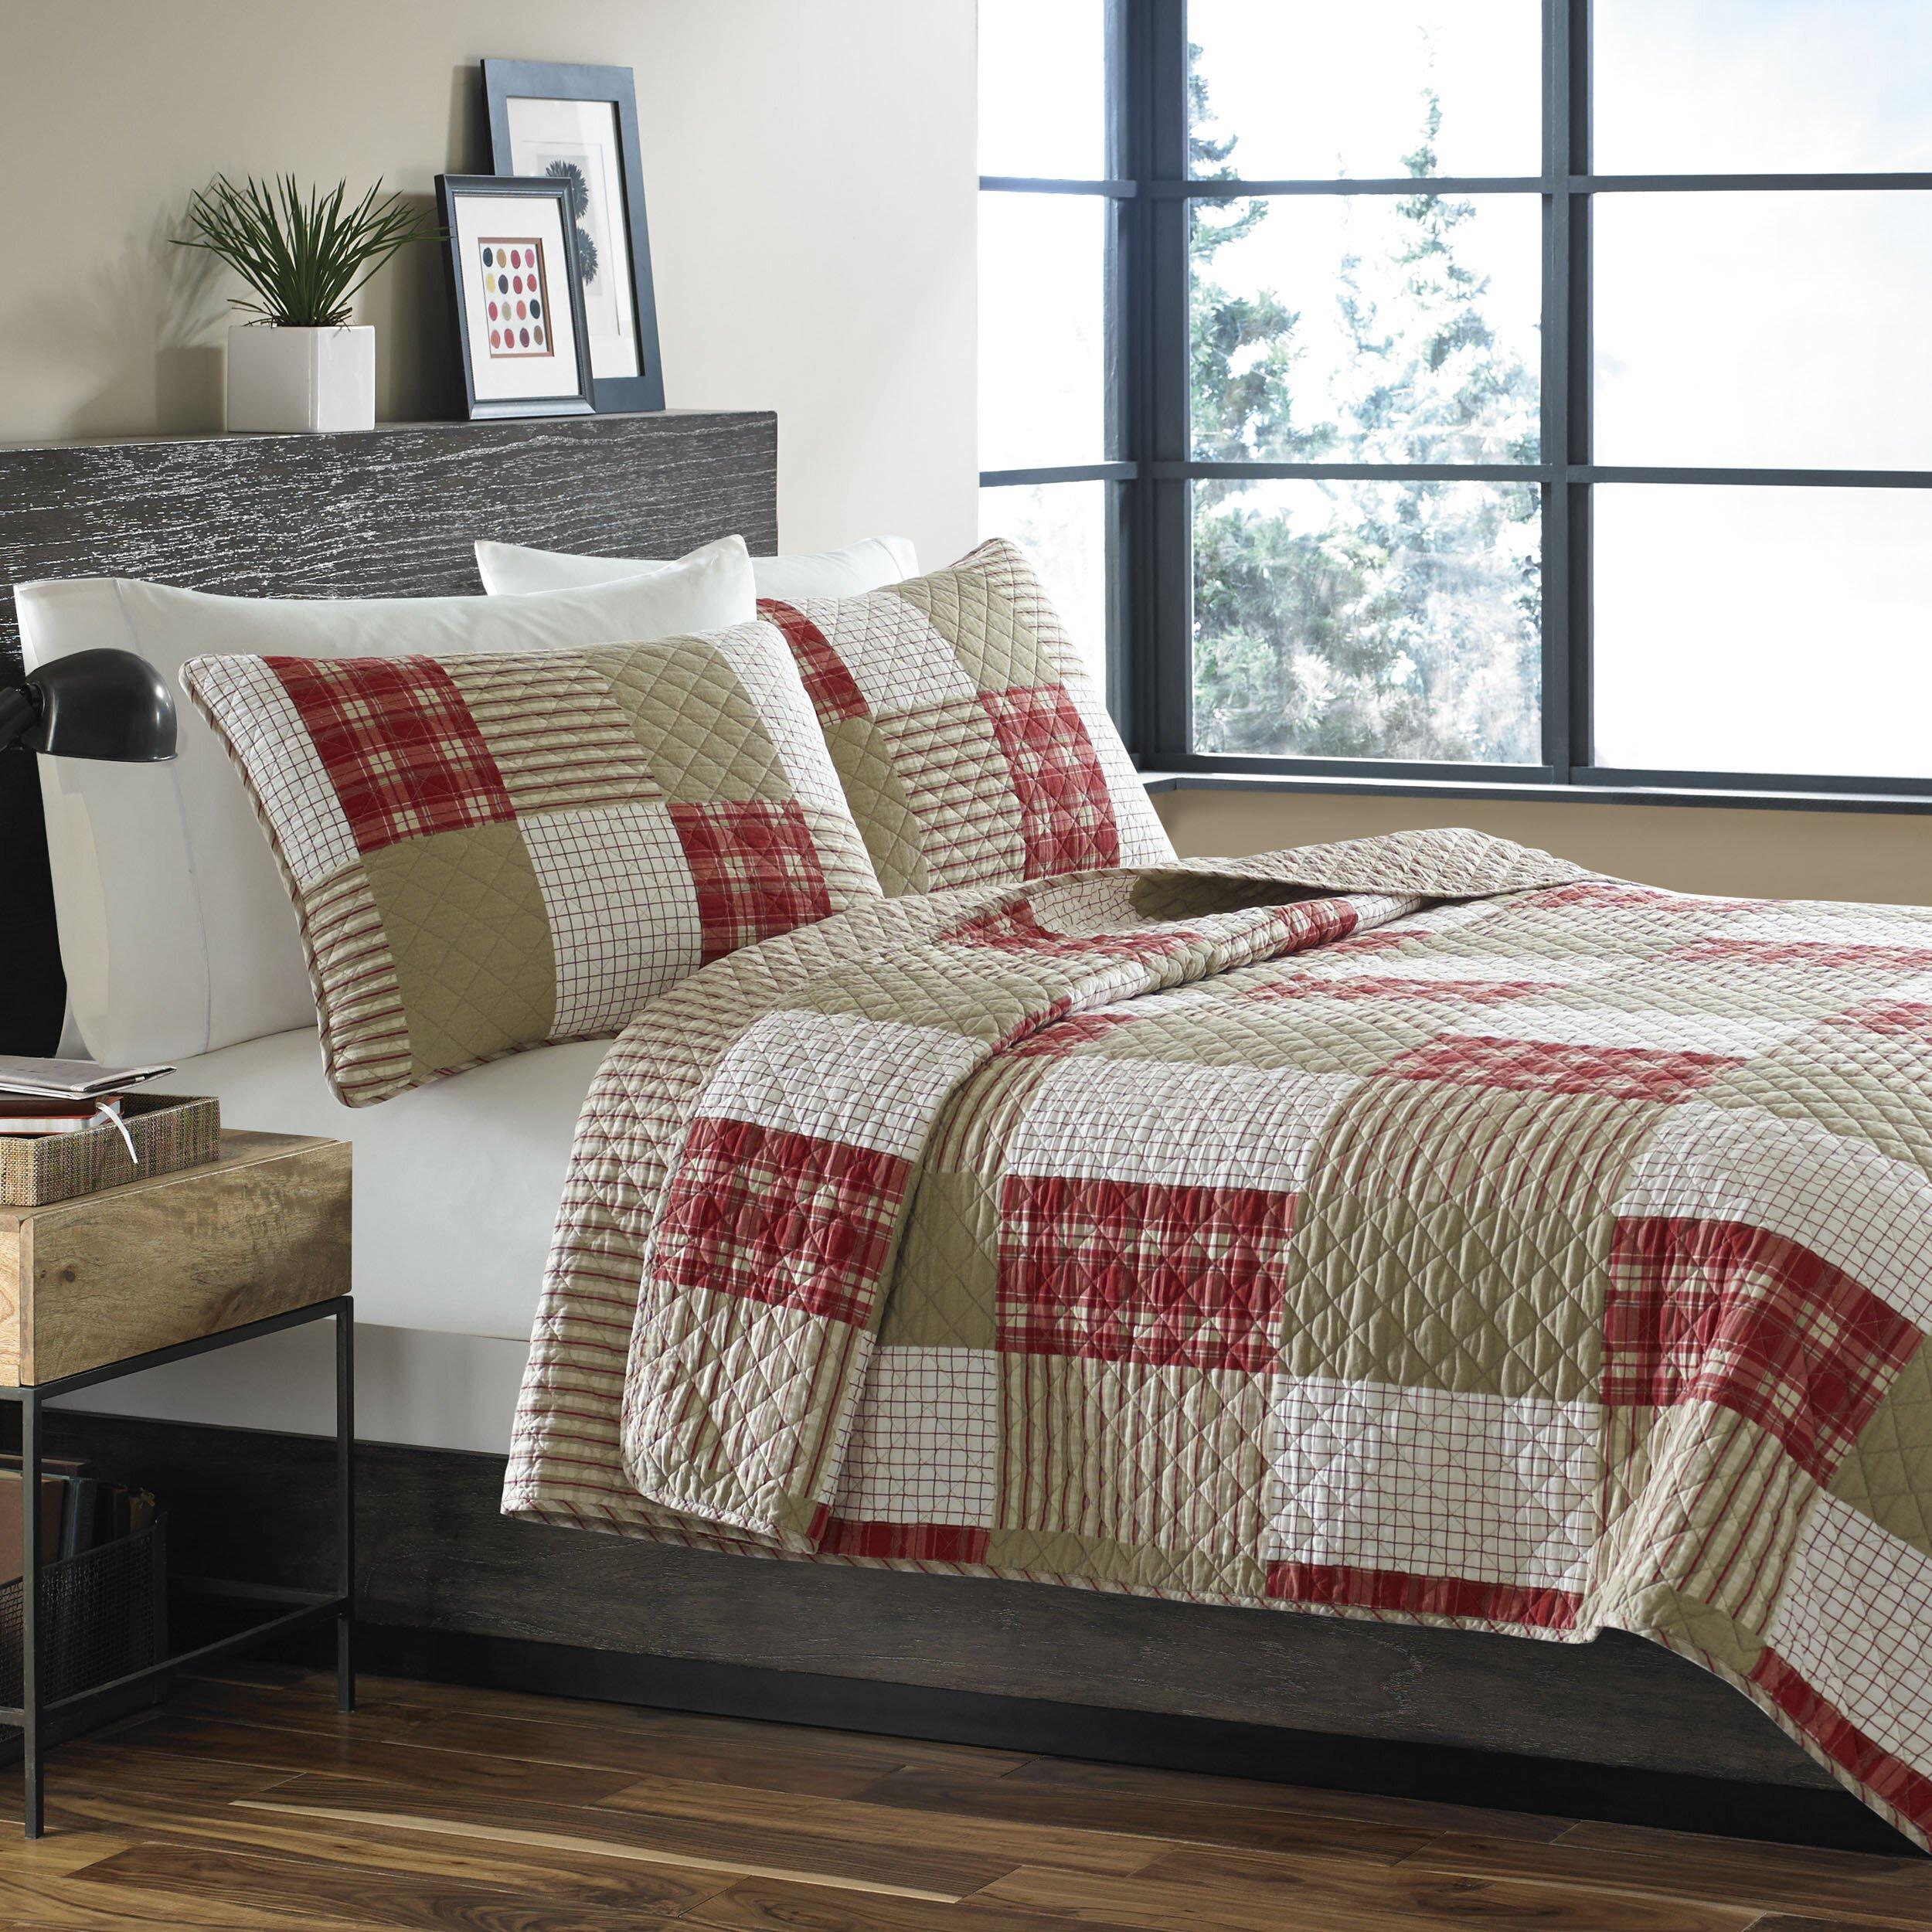 Eddie Bauer Day Bed Sets